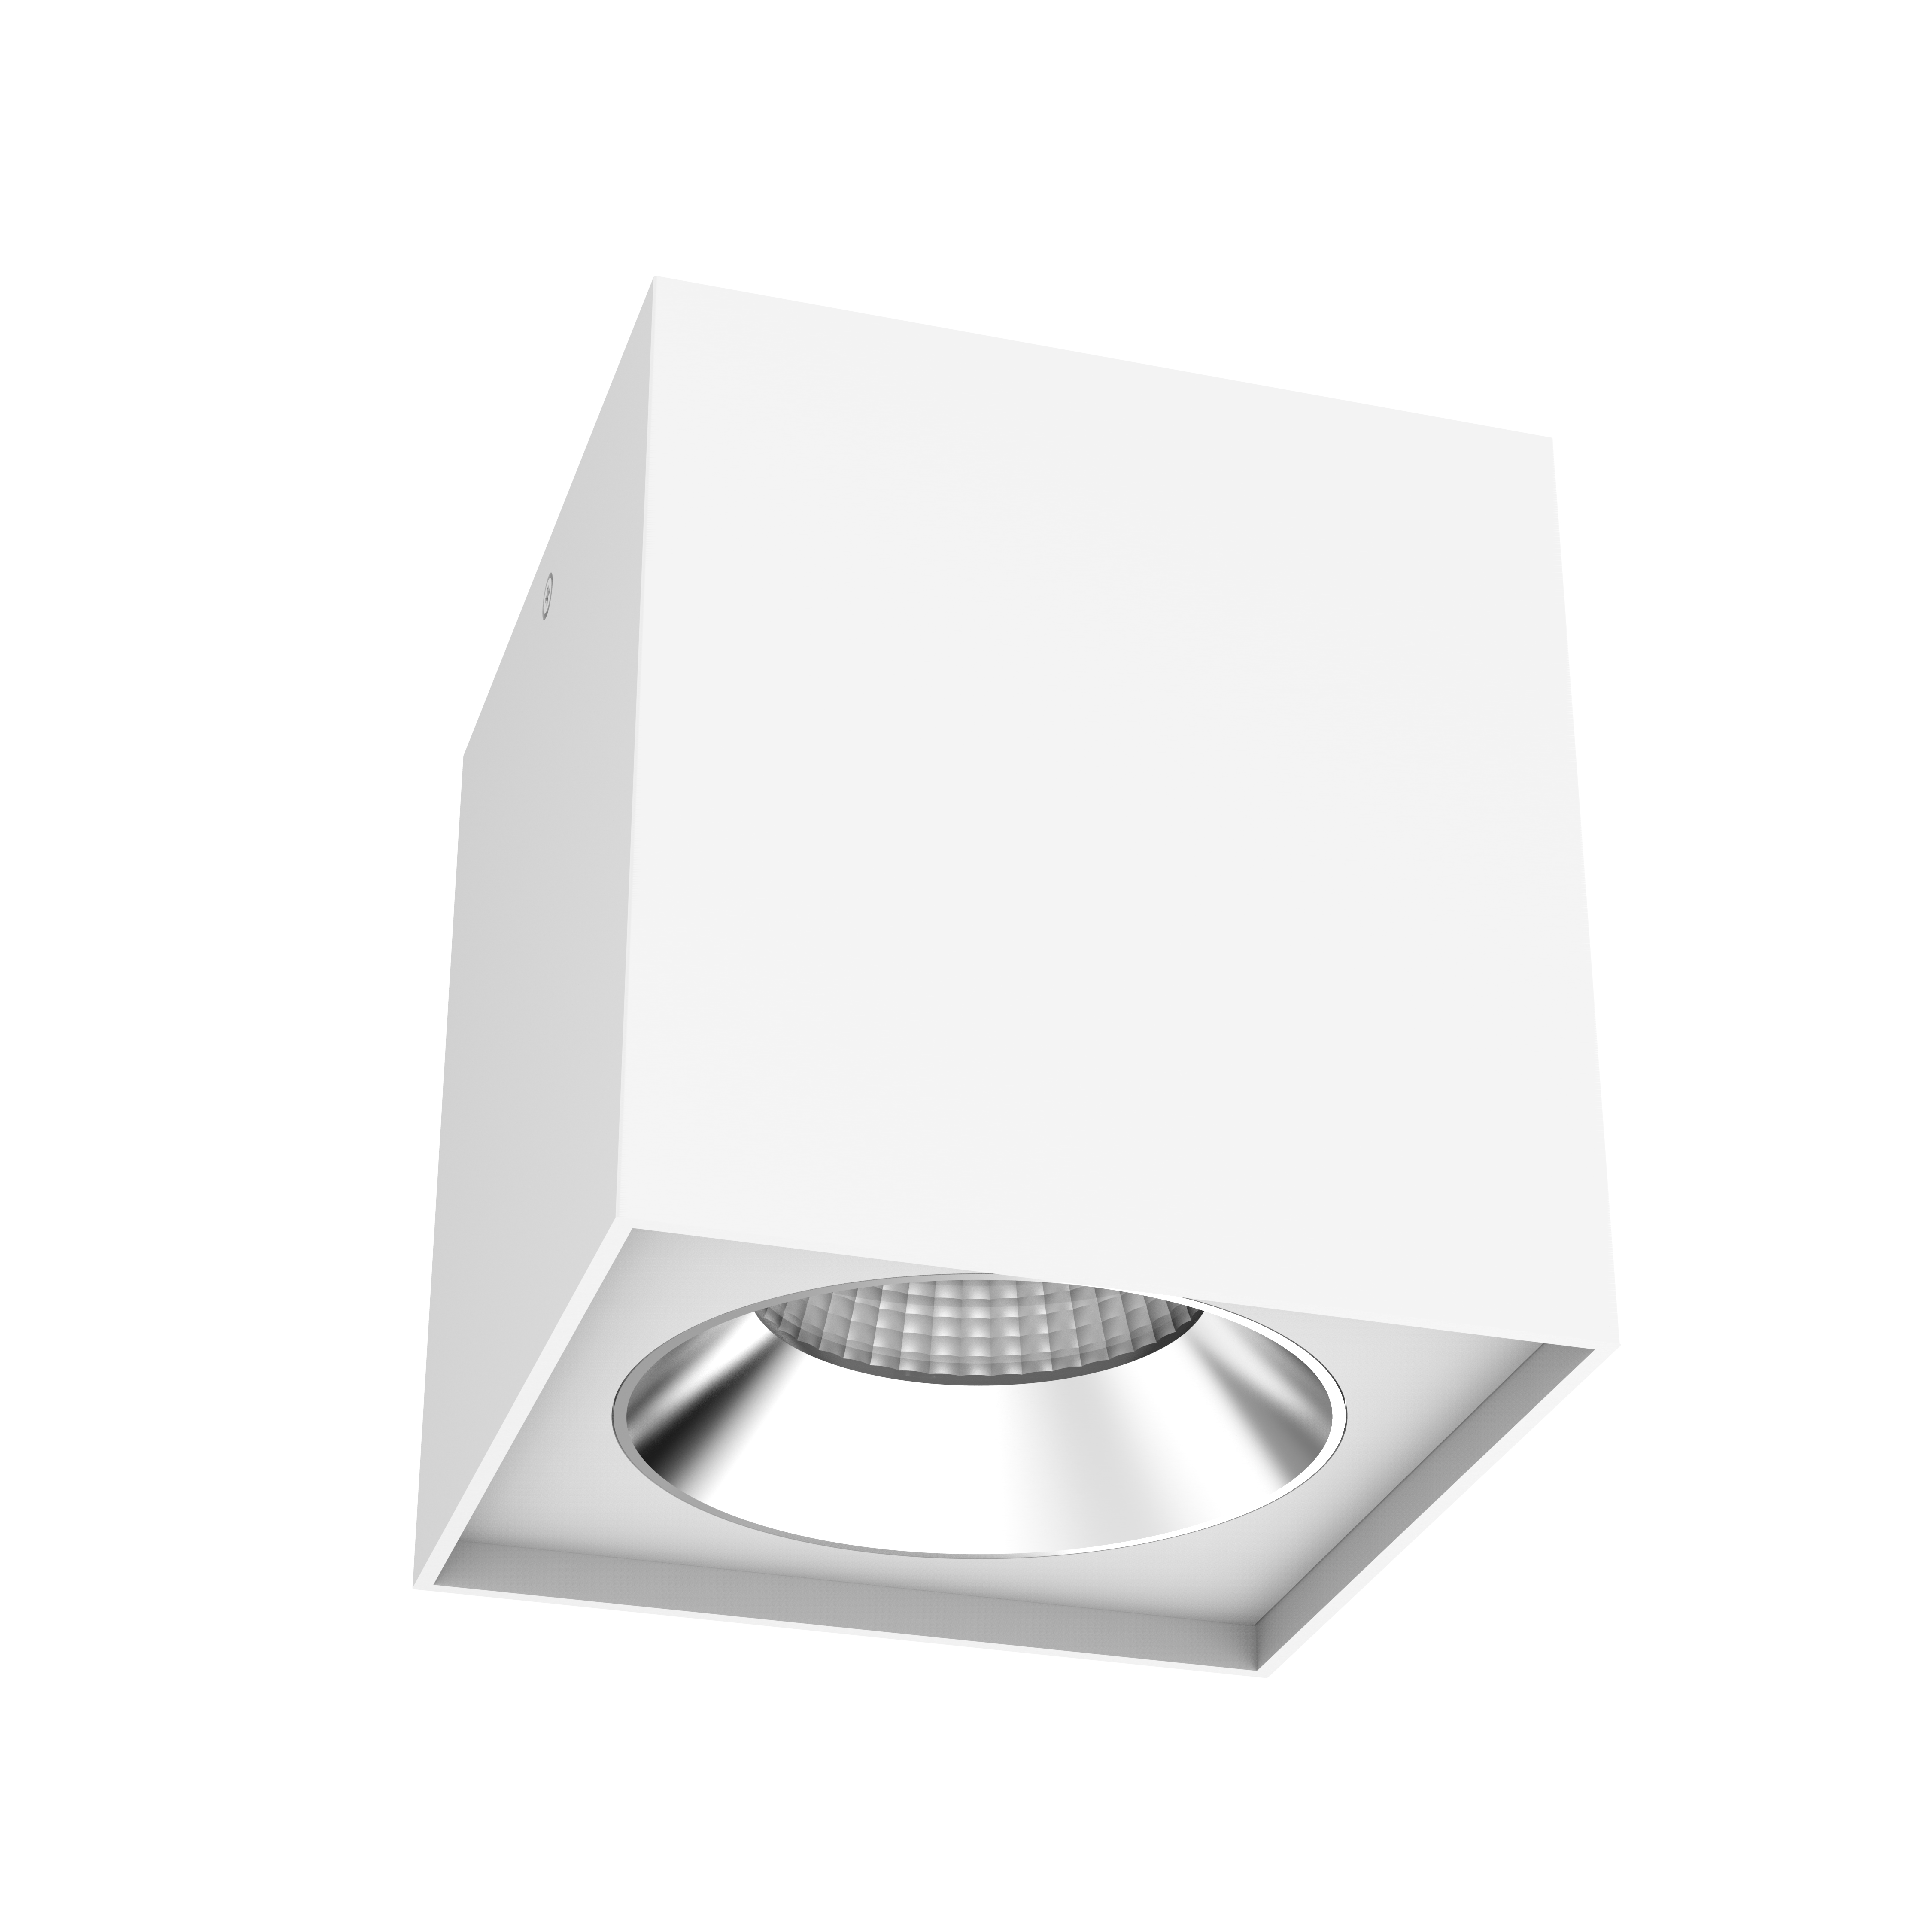 """Светильник LED """"ВАРТОН"""" DL-02 Cube накладной 150*160 36W 4000K 35°"""